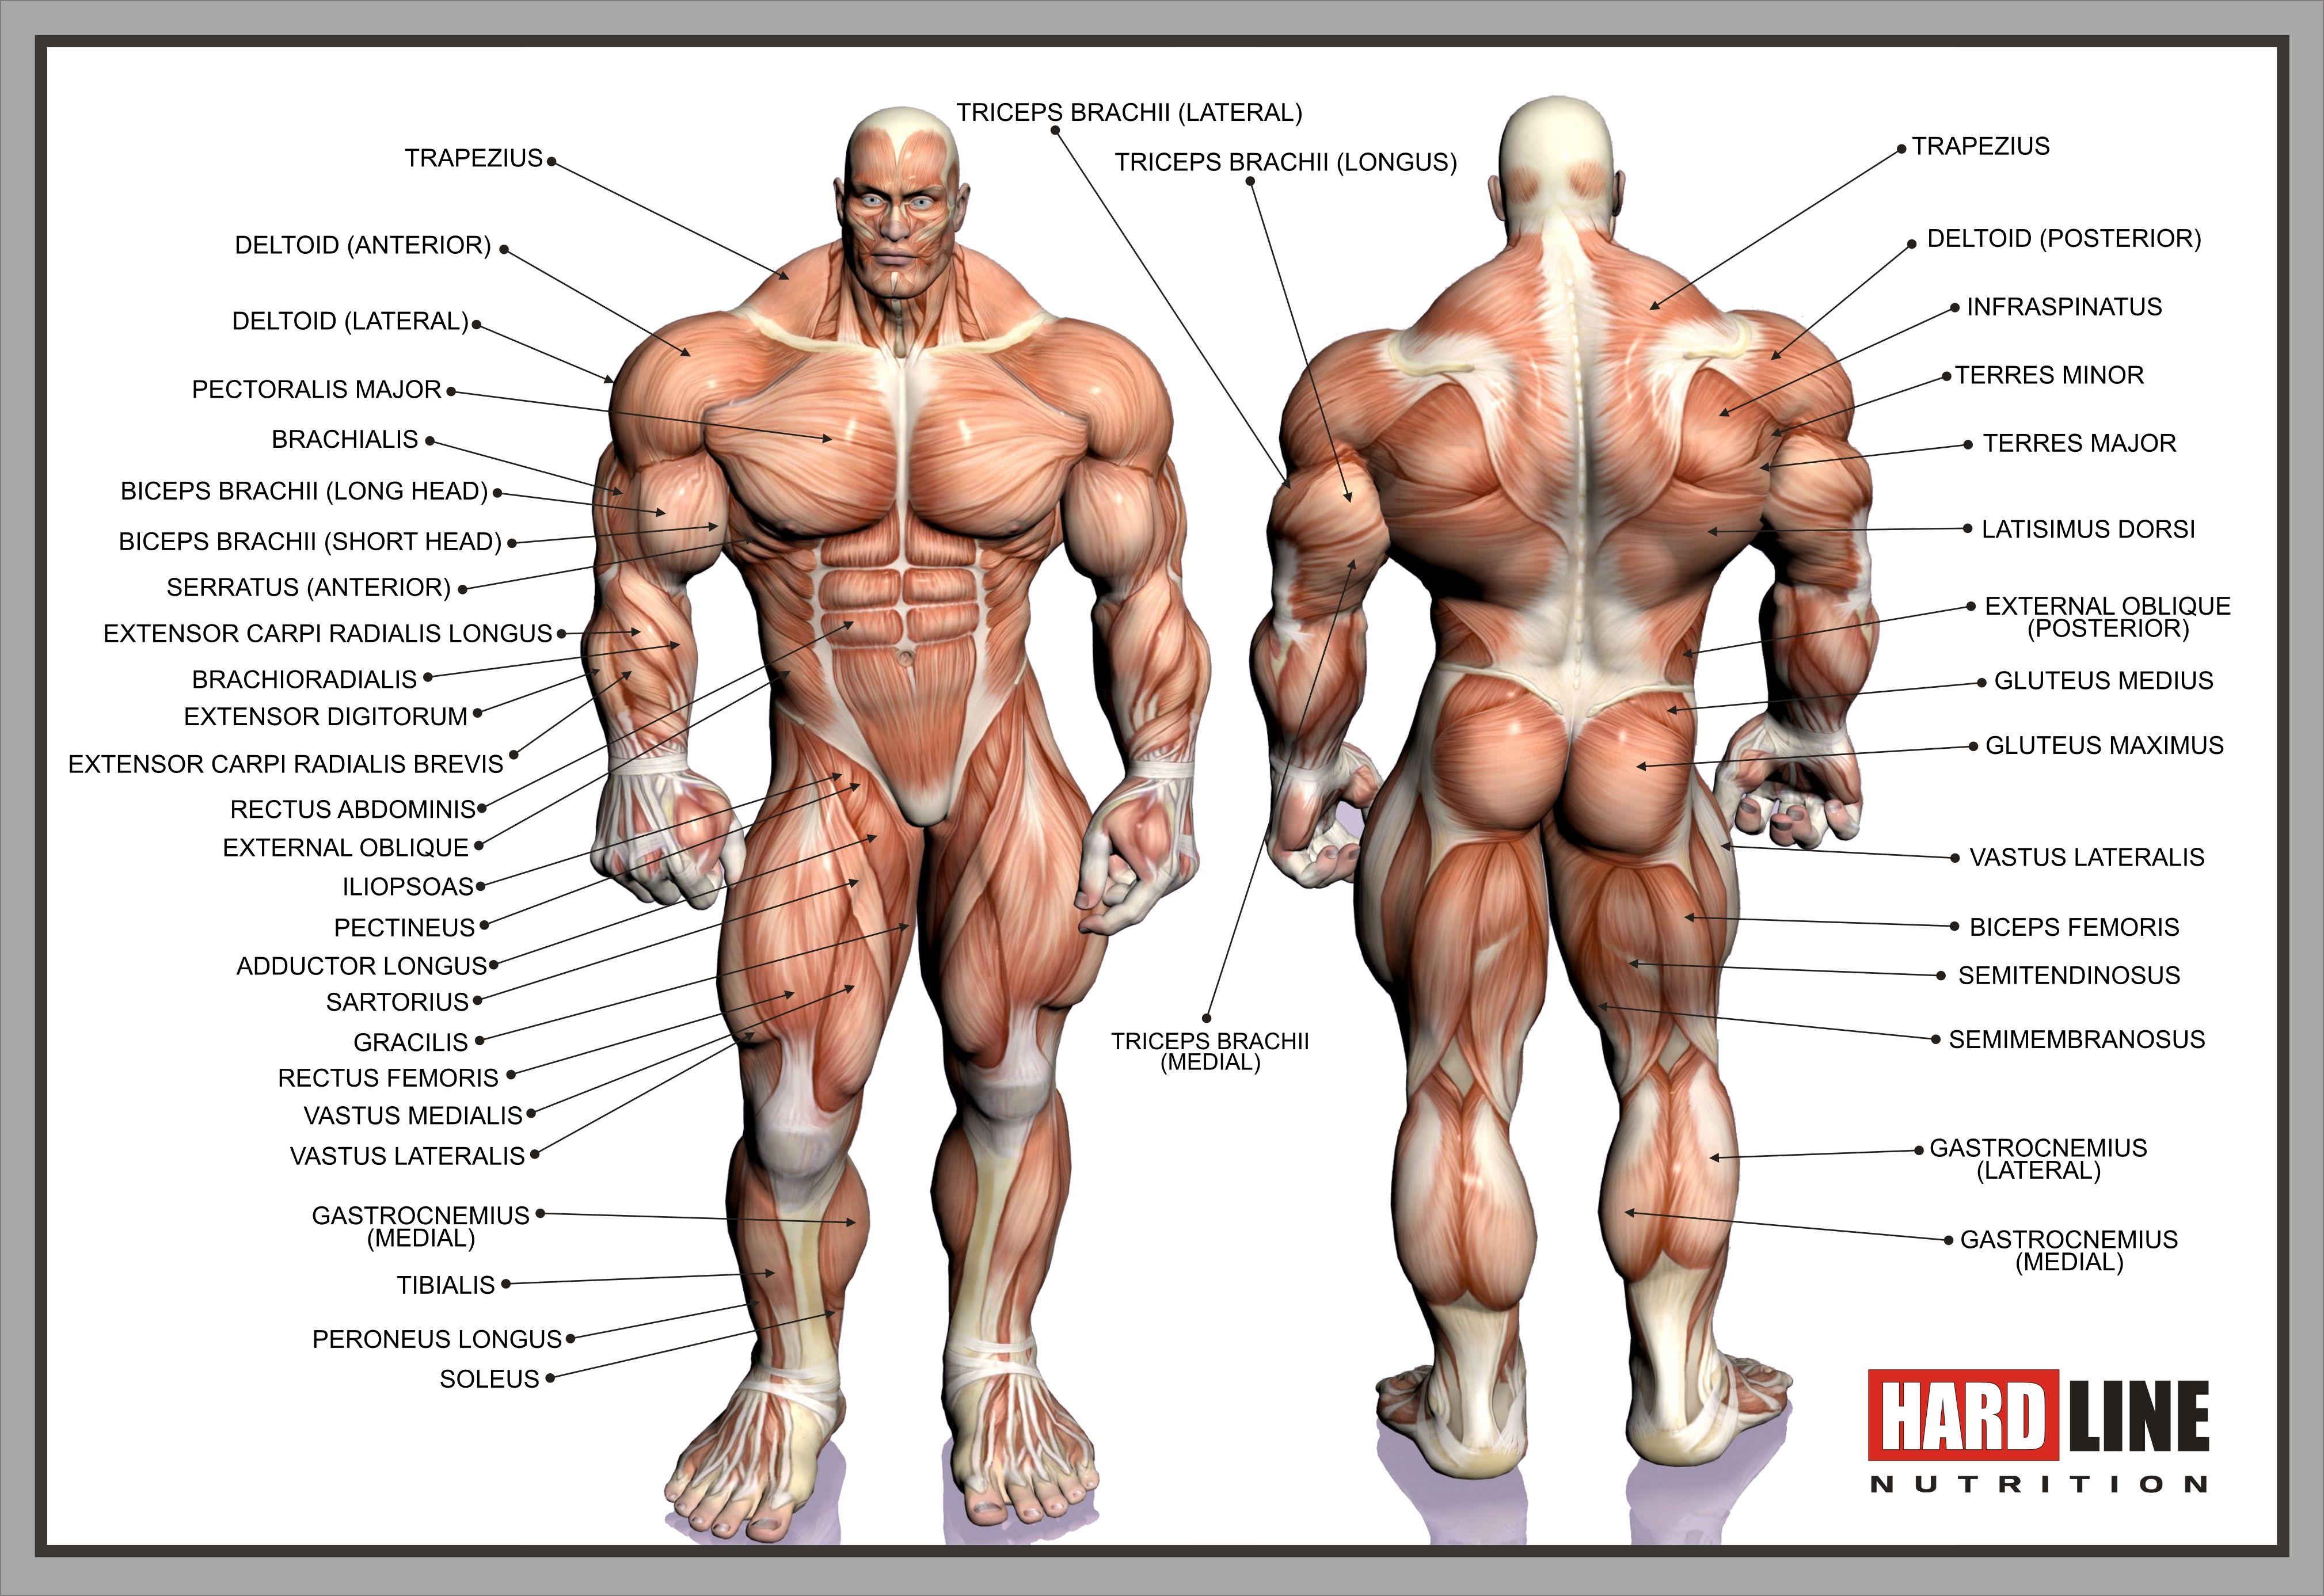 мышцы человека фото с описанием мышц бодибилдинг салем